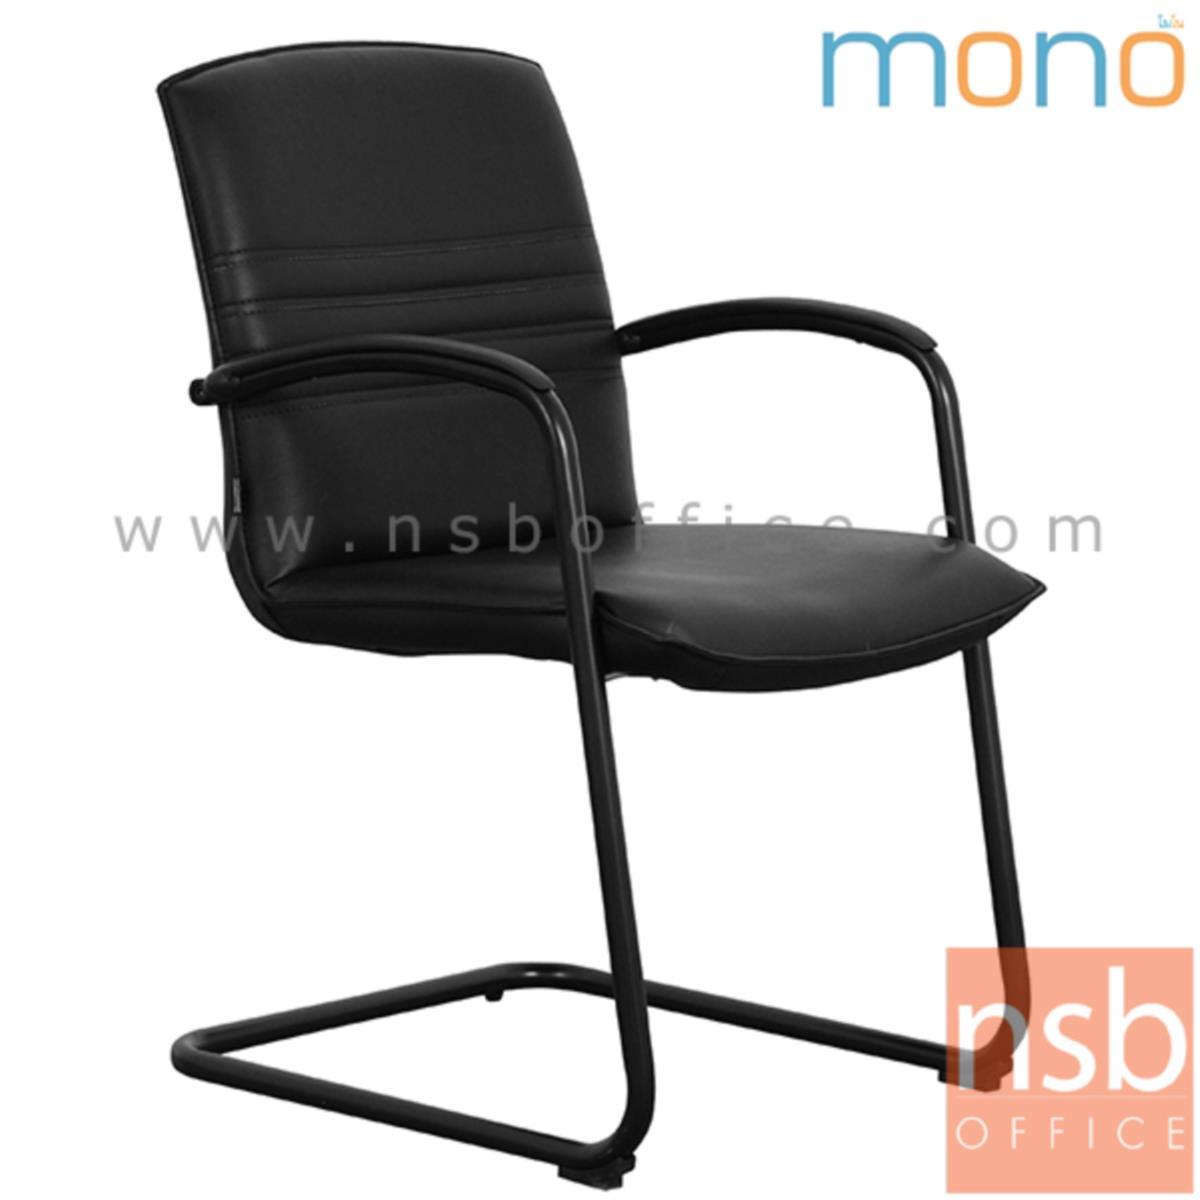 B04A186:เก้าอี้รับแขกขาตัวซี หุ้มผ้า รุ่น Primrose (พริมโรส)  มีท้าวแขน ขาเหล็กพ่นดำ